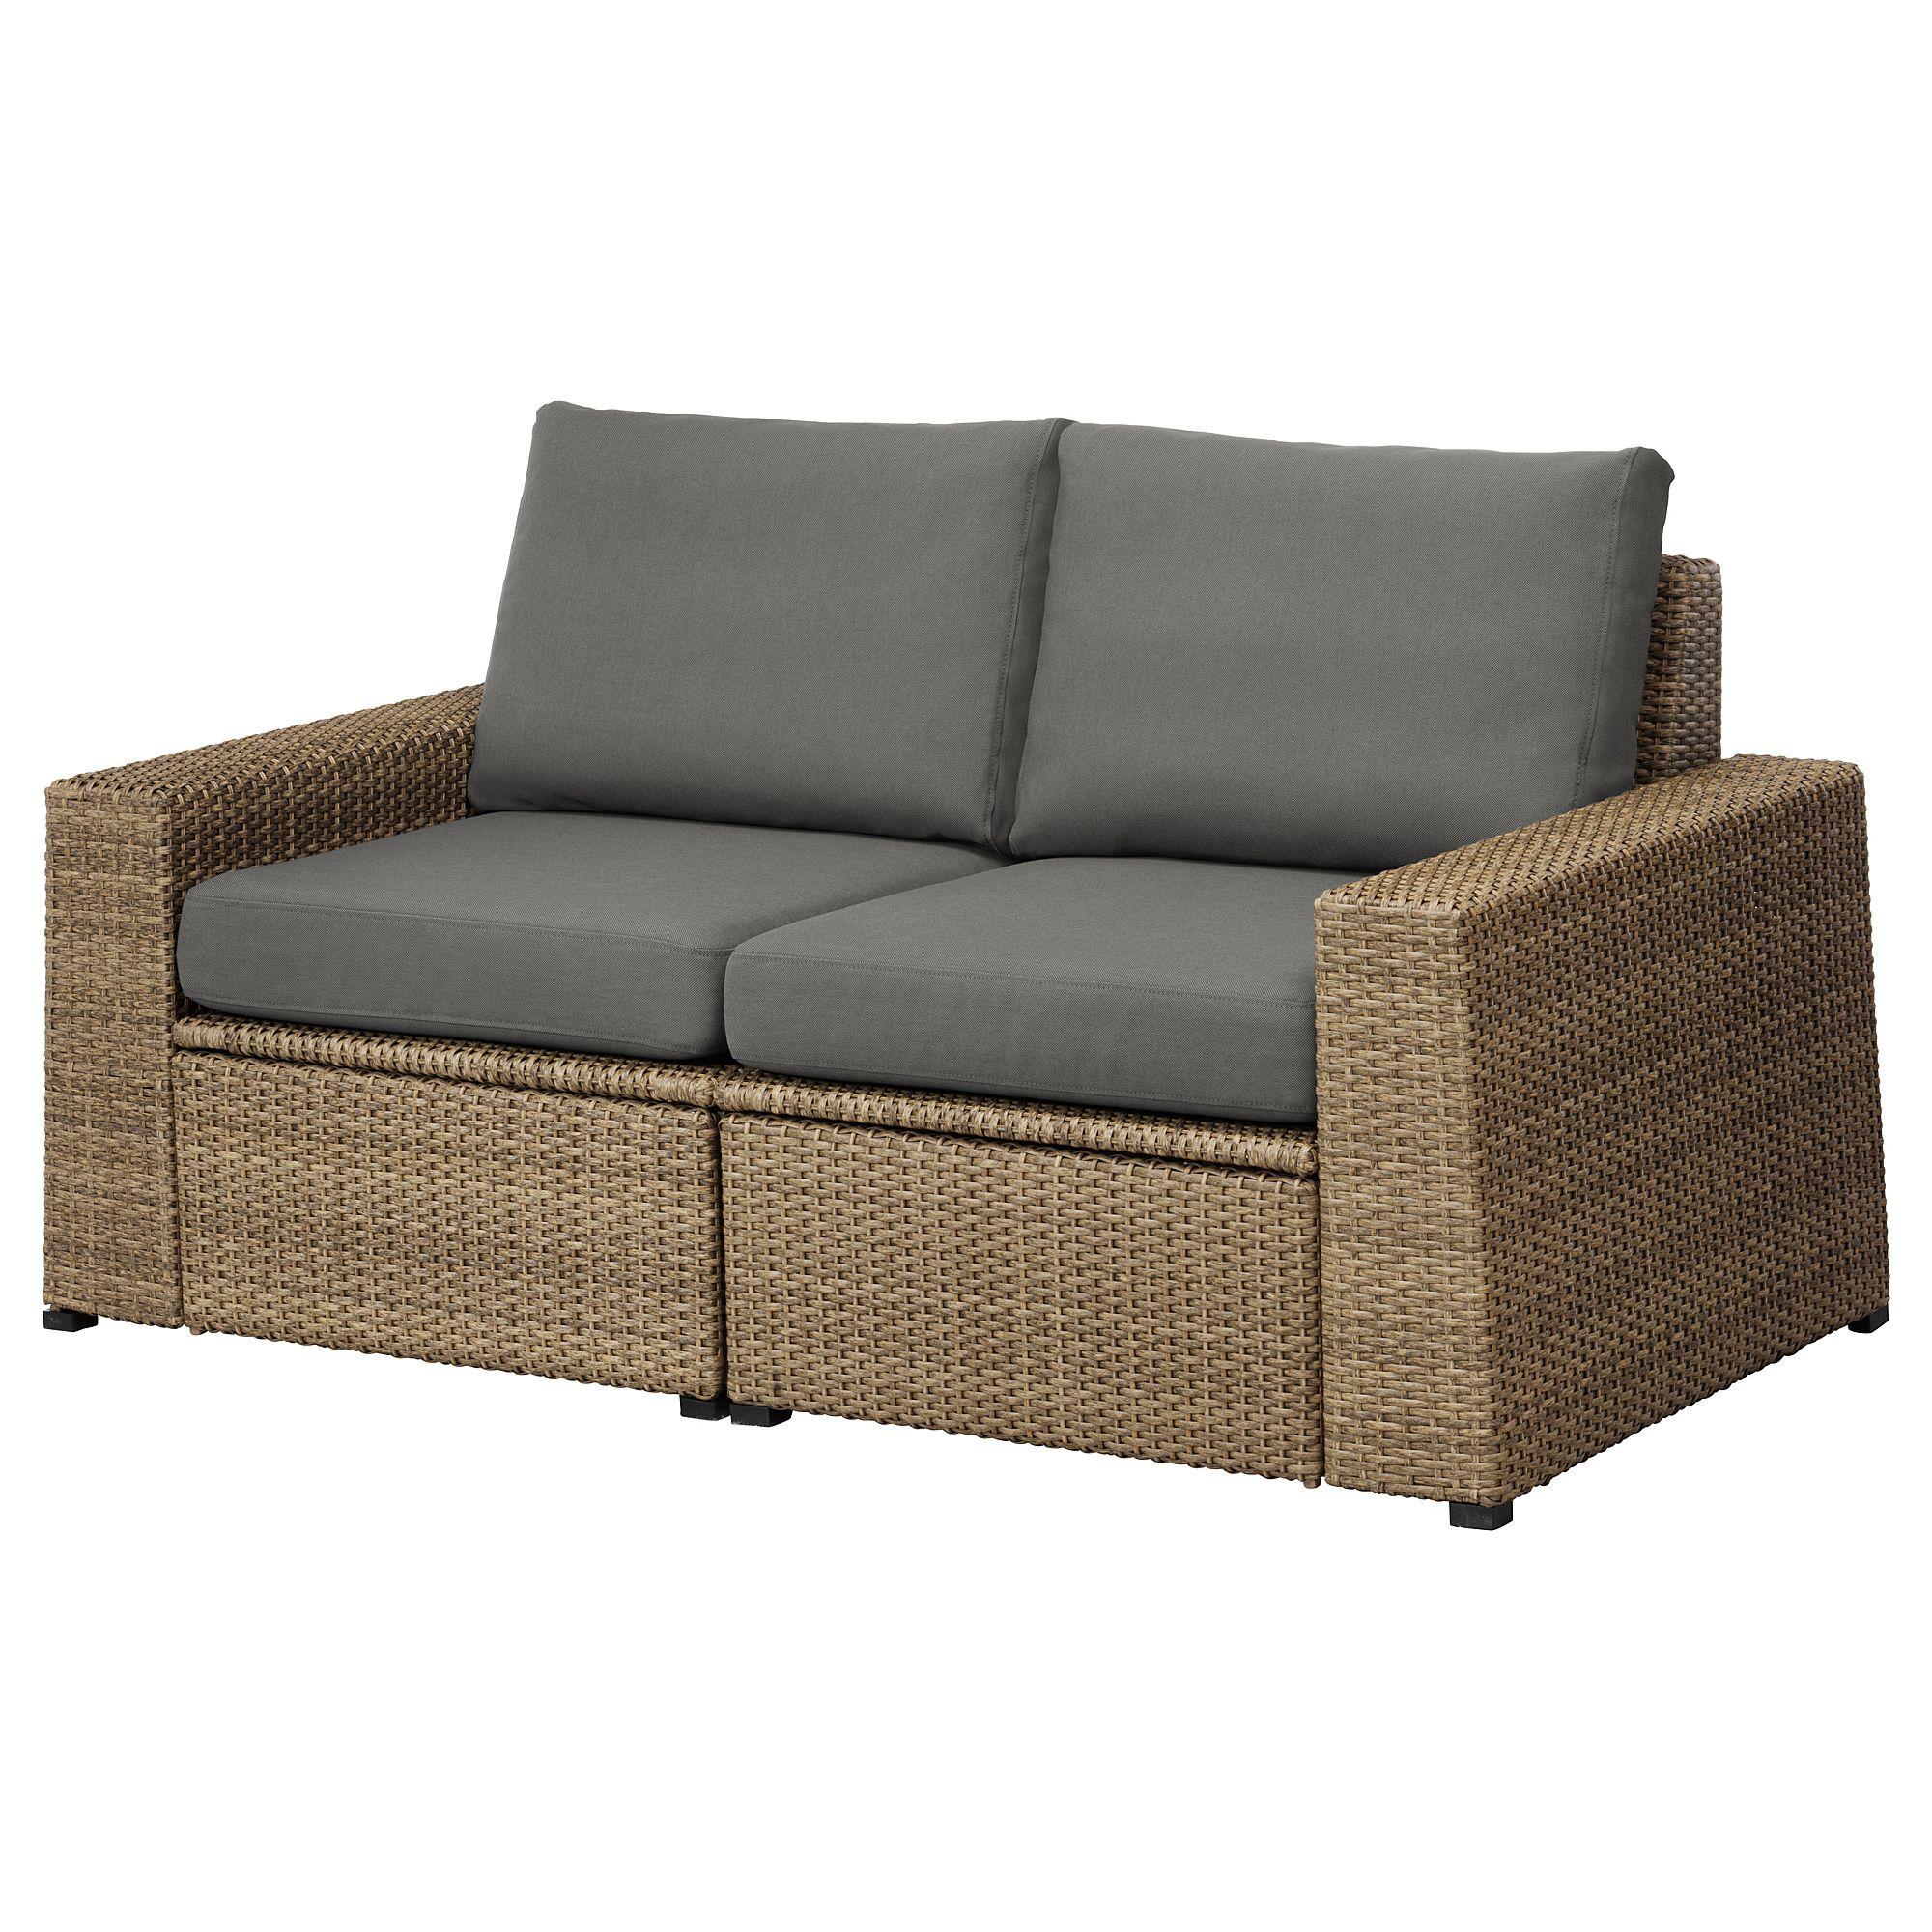 Solleron 2 Seat Modular Sofa Outdoor Brown Froson Duvholmen Dark Gray Ikea Ikea Outdoor Modular Sofa Outdoor Sofa